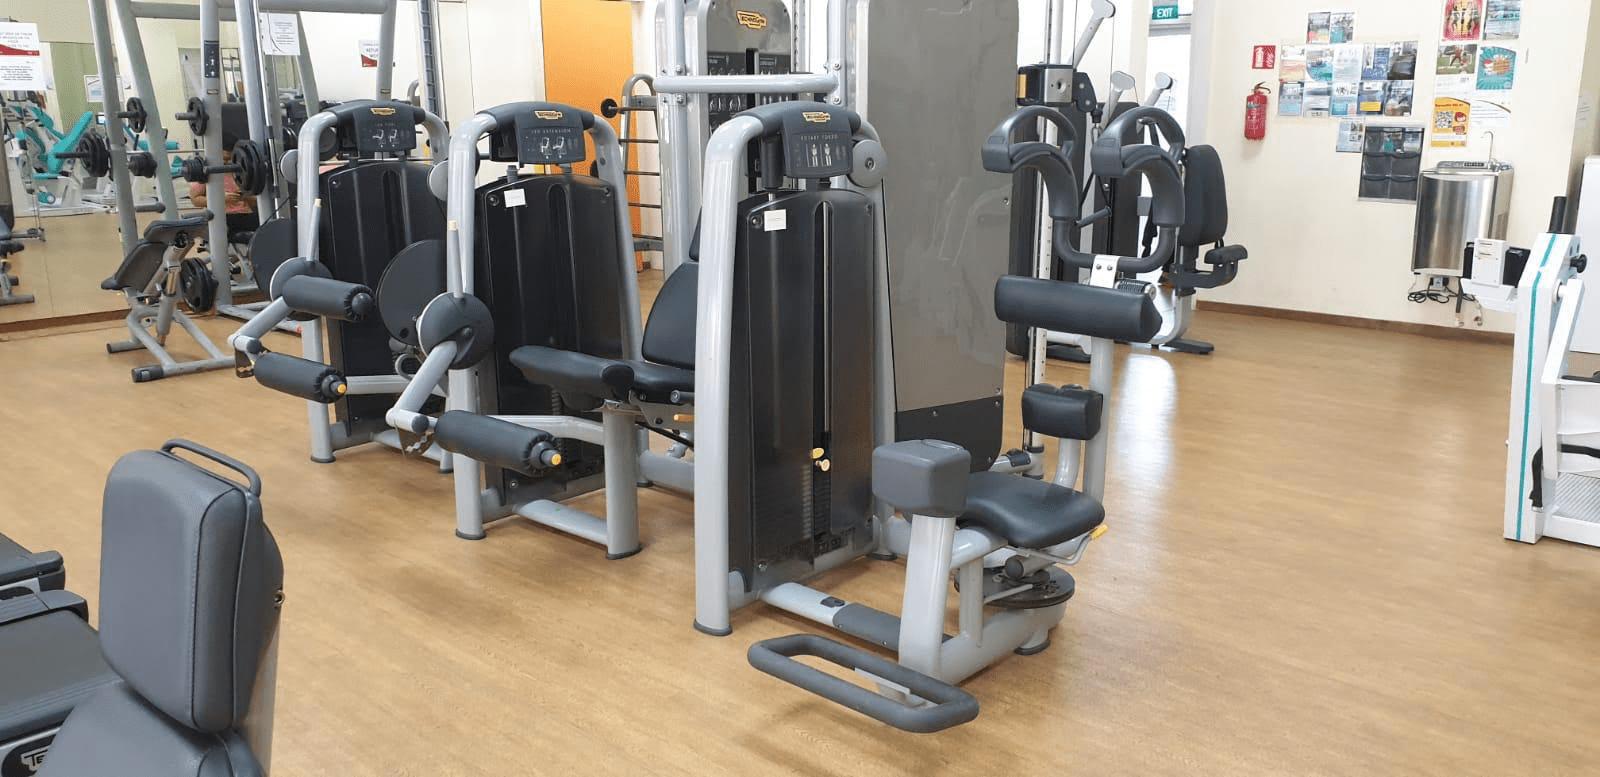 Silver Circle ActiveSg Gym